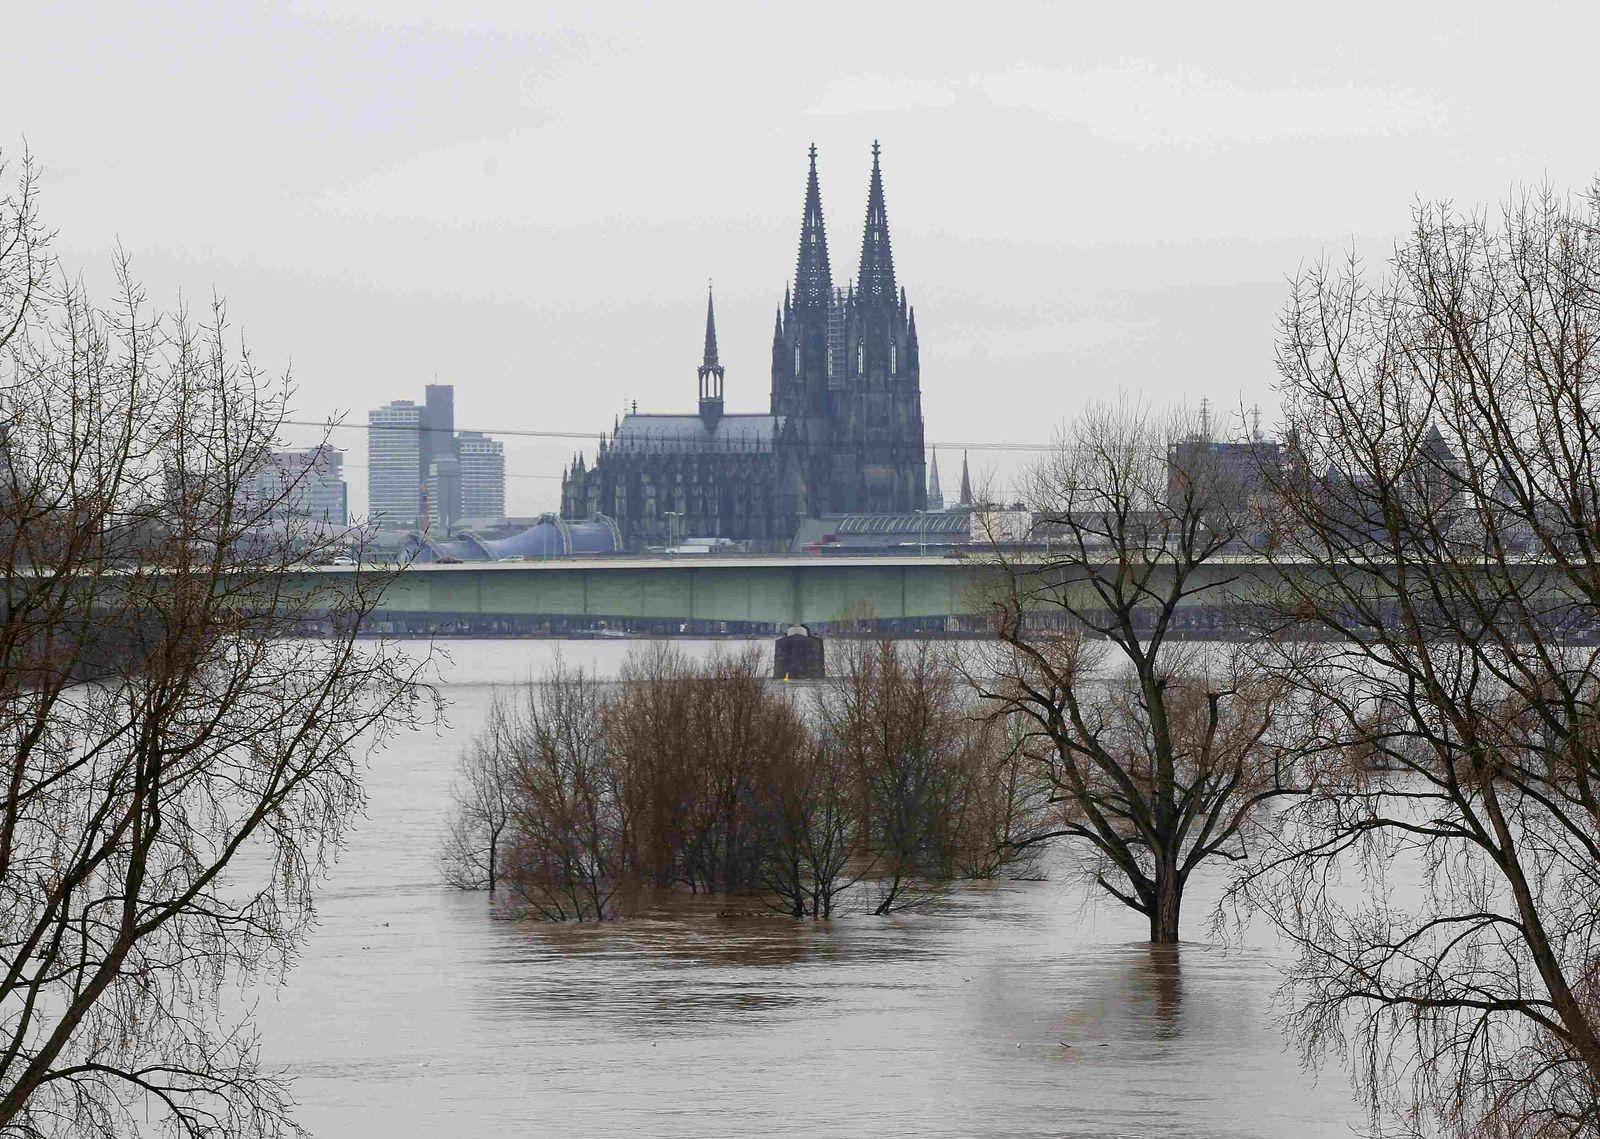 Dom / Köln